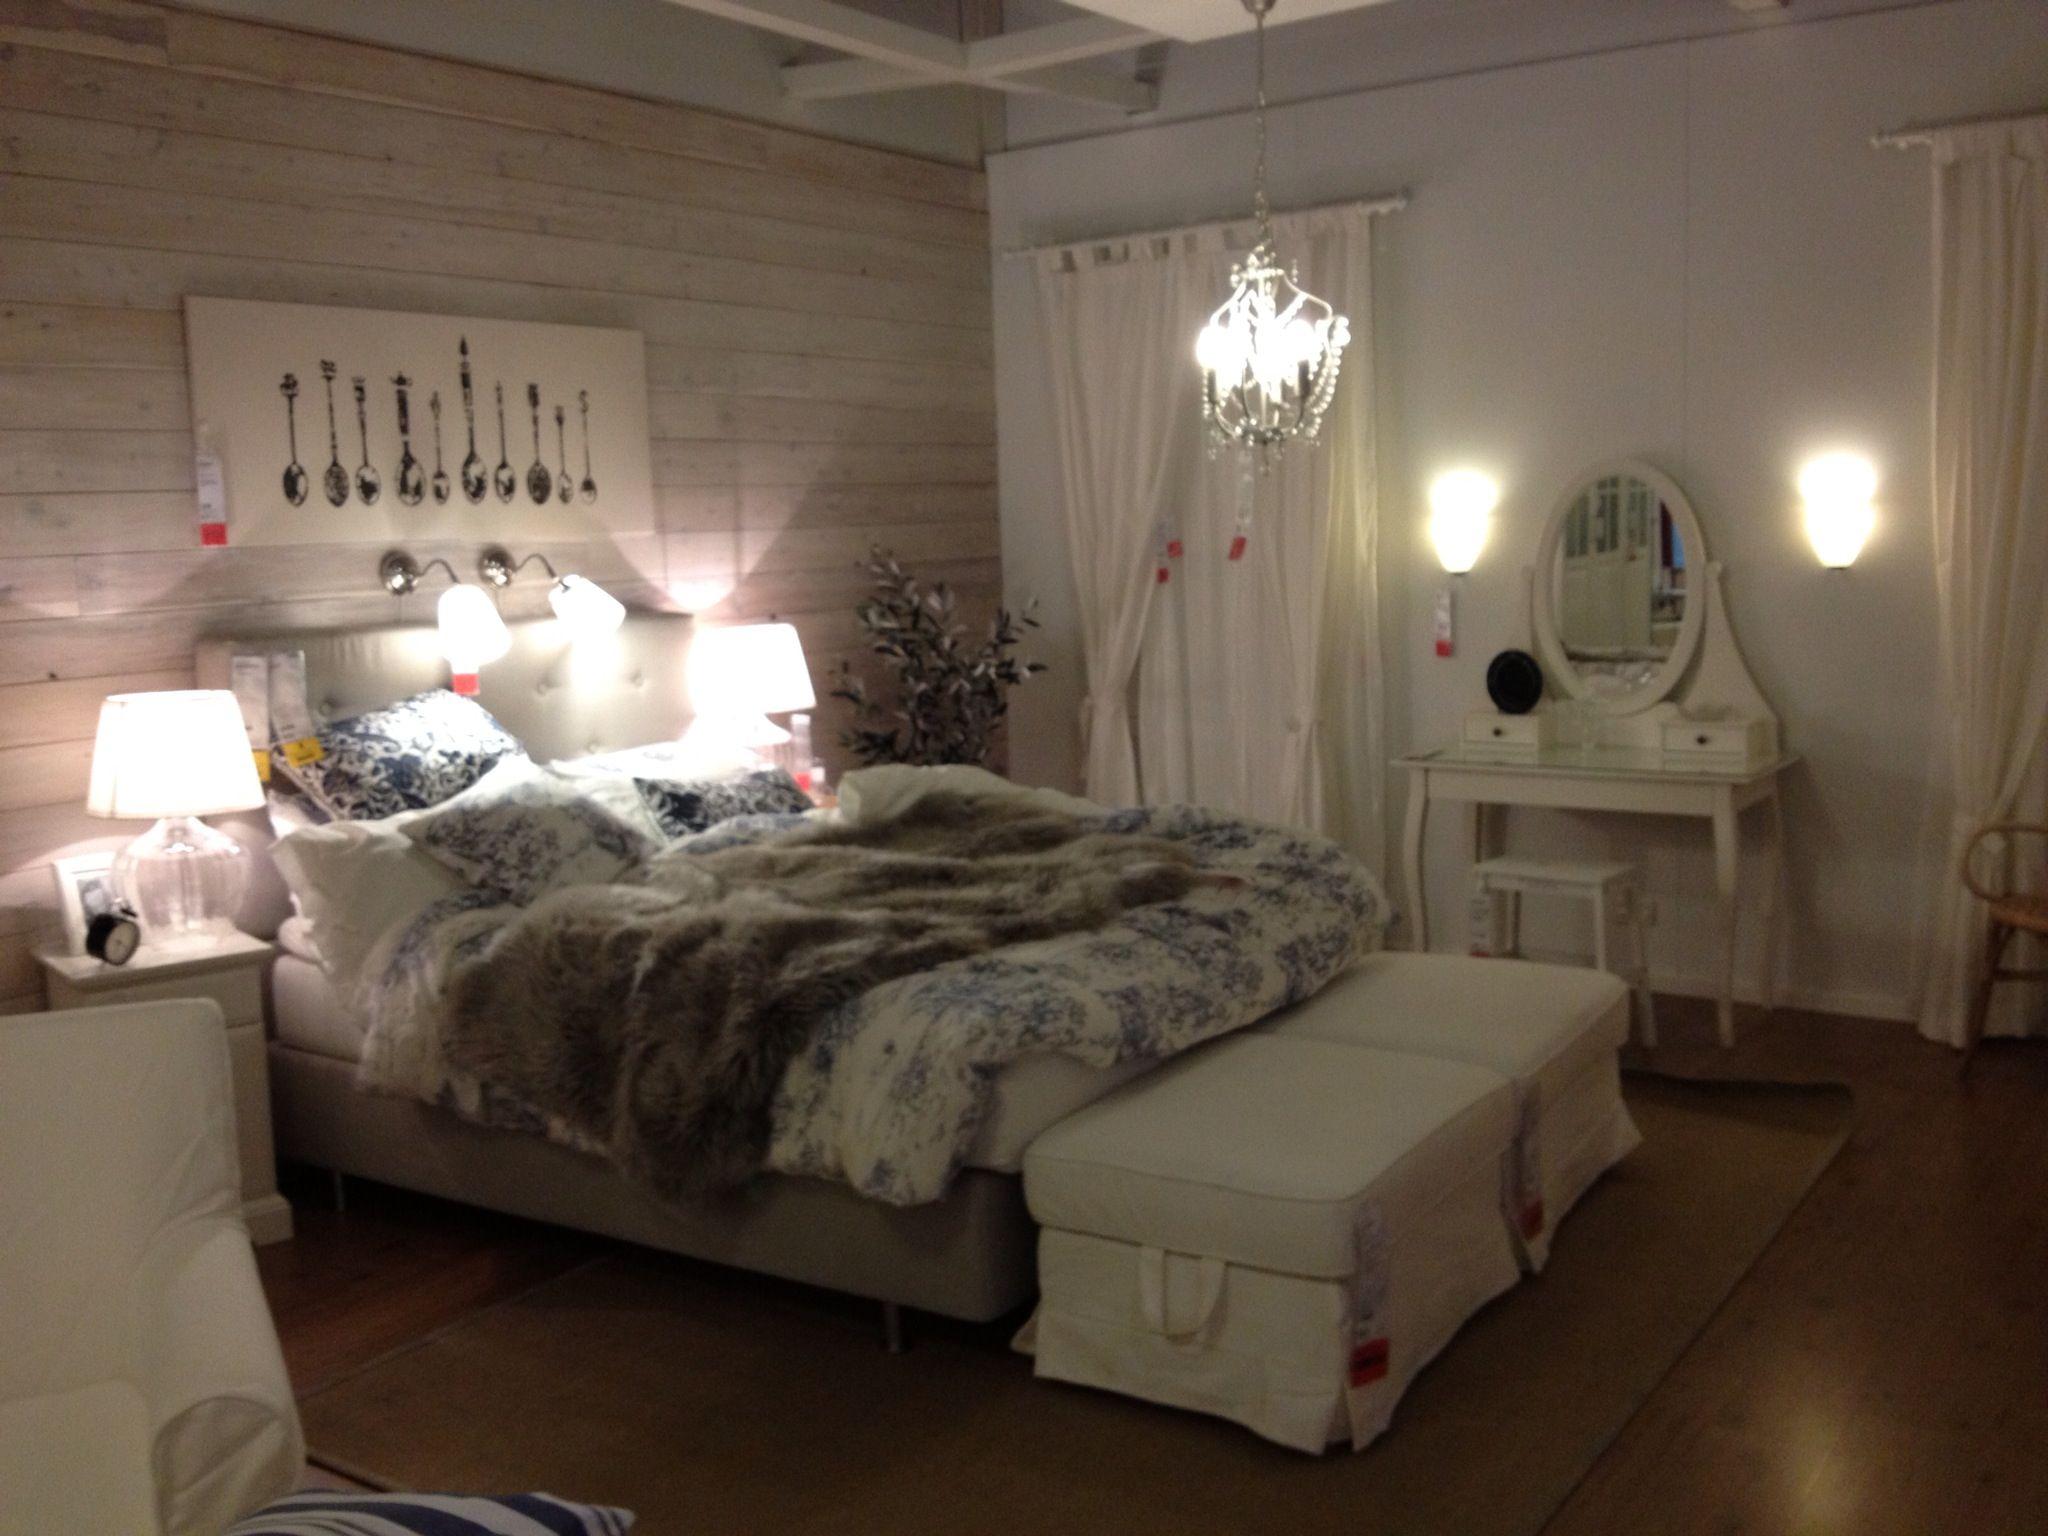 ikea bedroom ikea pinterest schlafzimmer wohnen und sch ne m bel. Black Bedroom Furniture Sets. Home Design Ideas